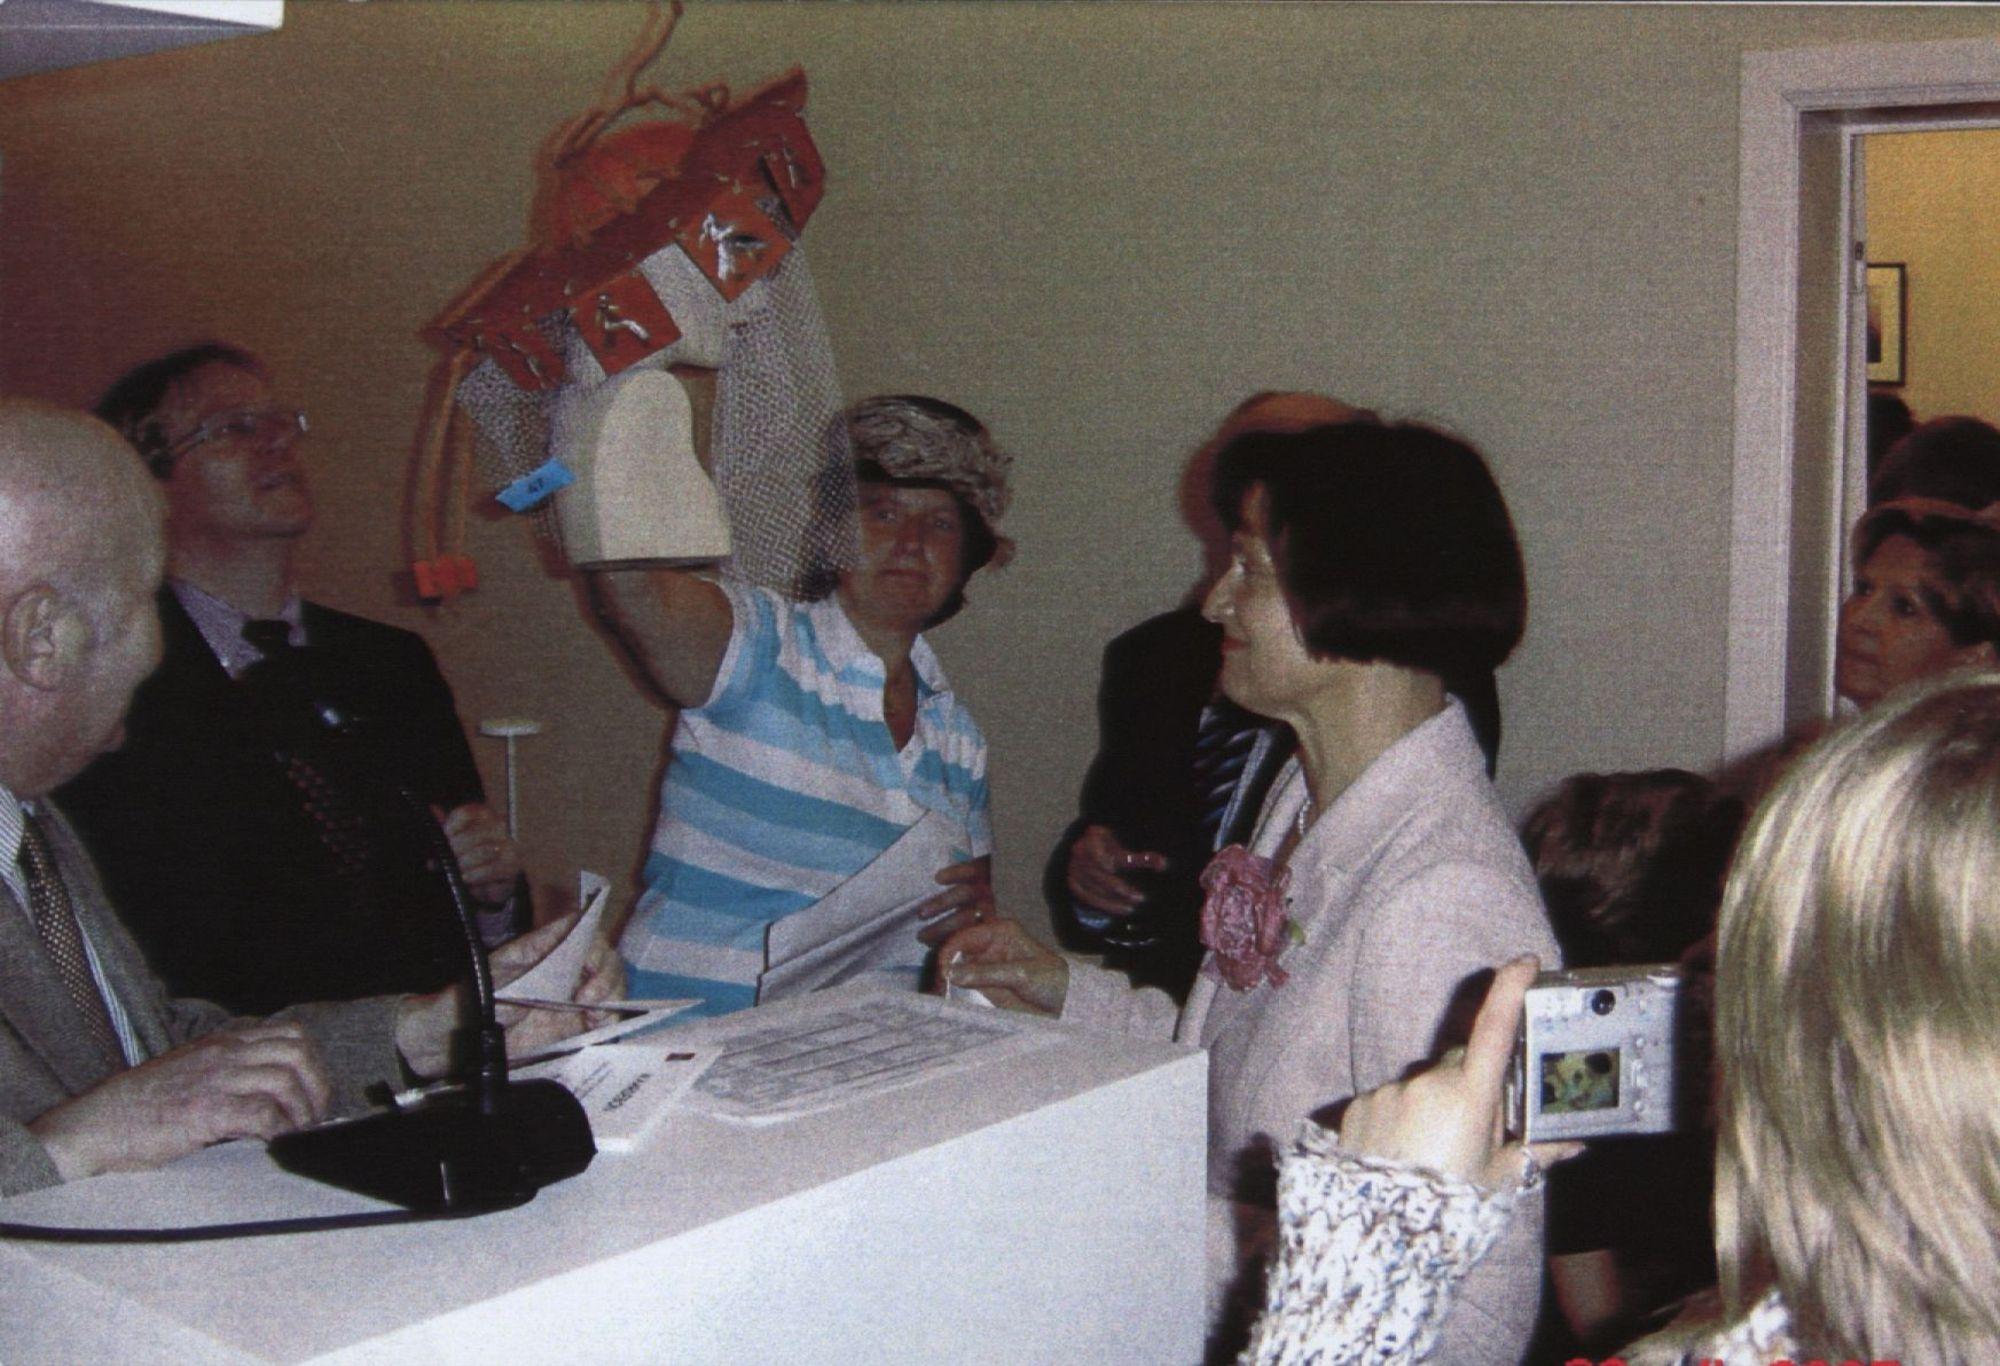 Ghoed gemutst 2005